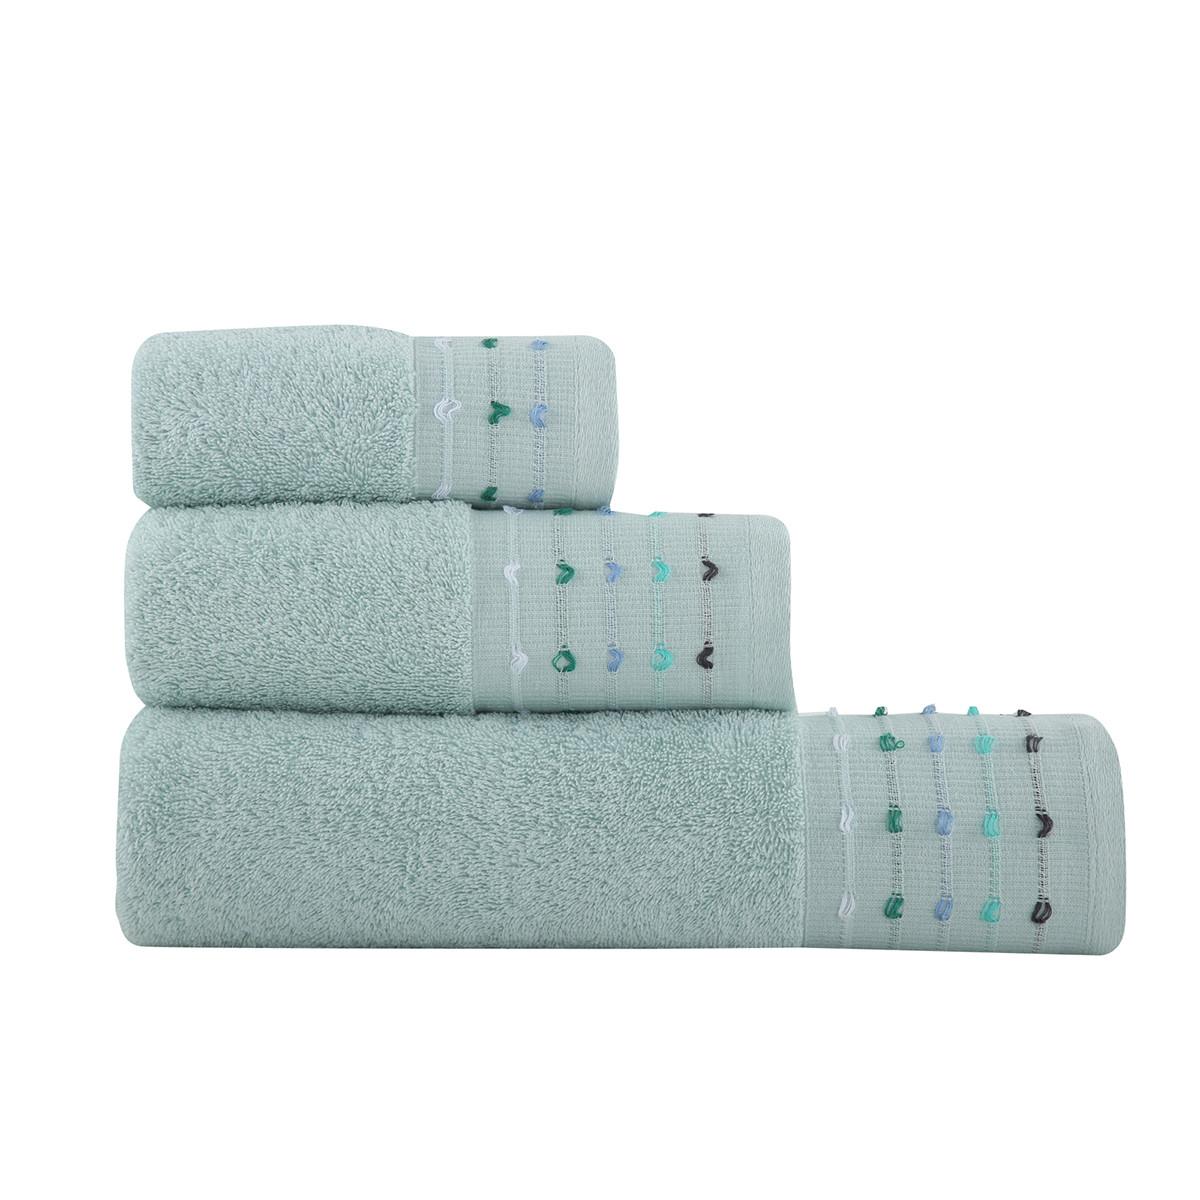 Πετσέτες Μπάνιου (Σετ 3τμχ) Nef-Nef Spot home   μπάνιο   πετσέτες μπάνιου